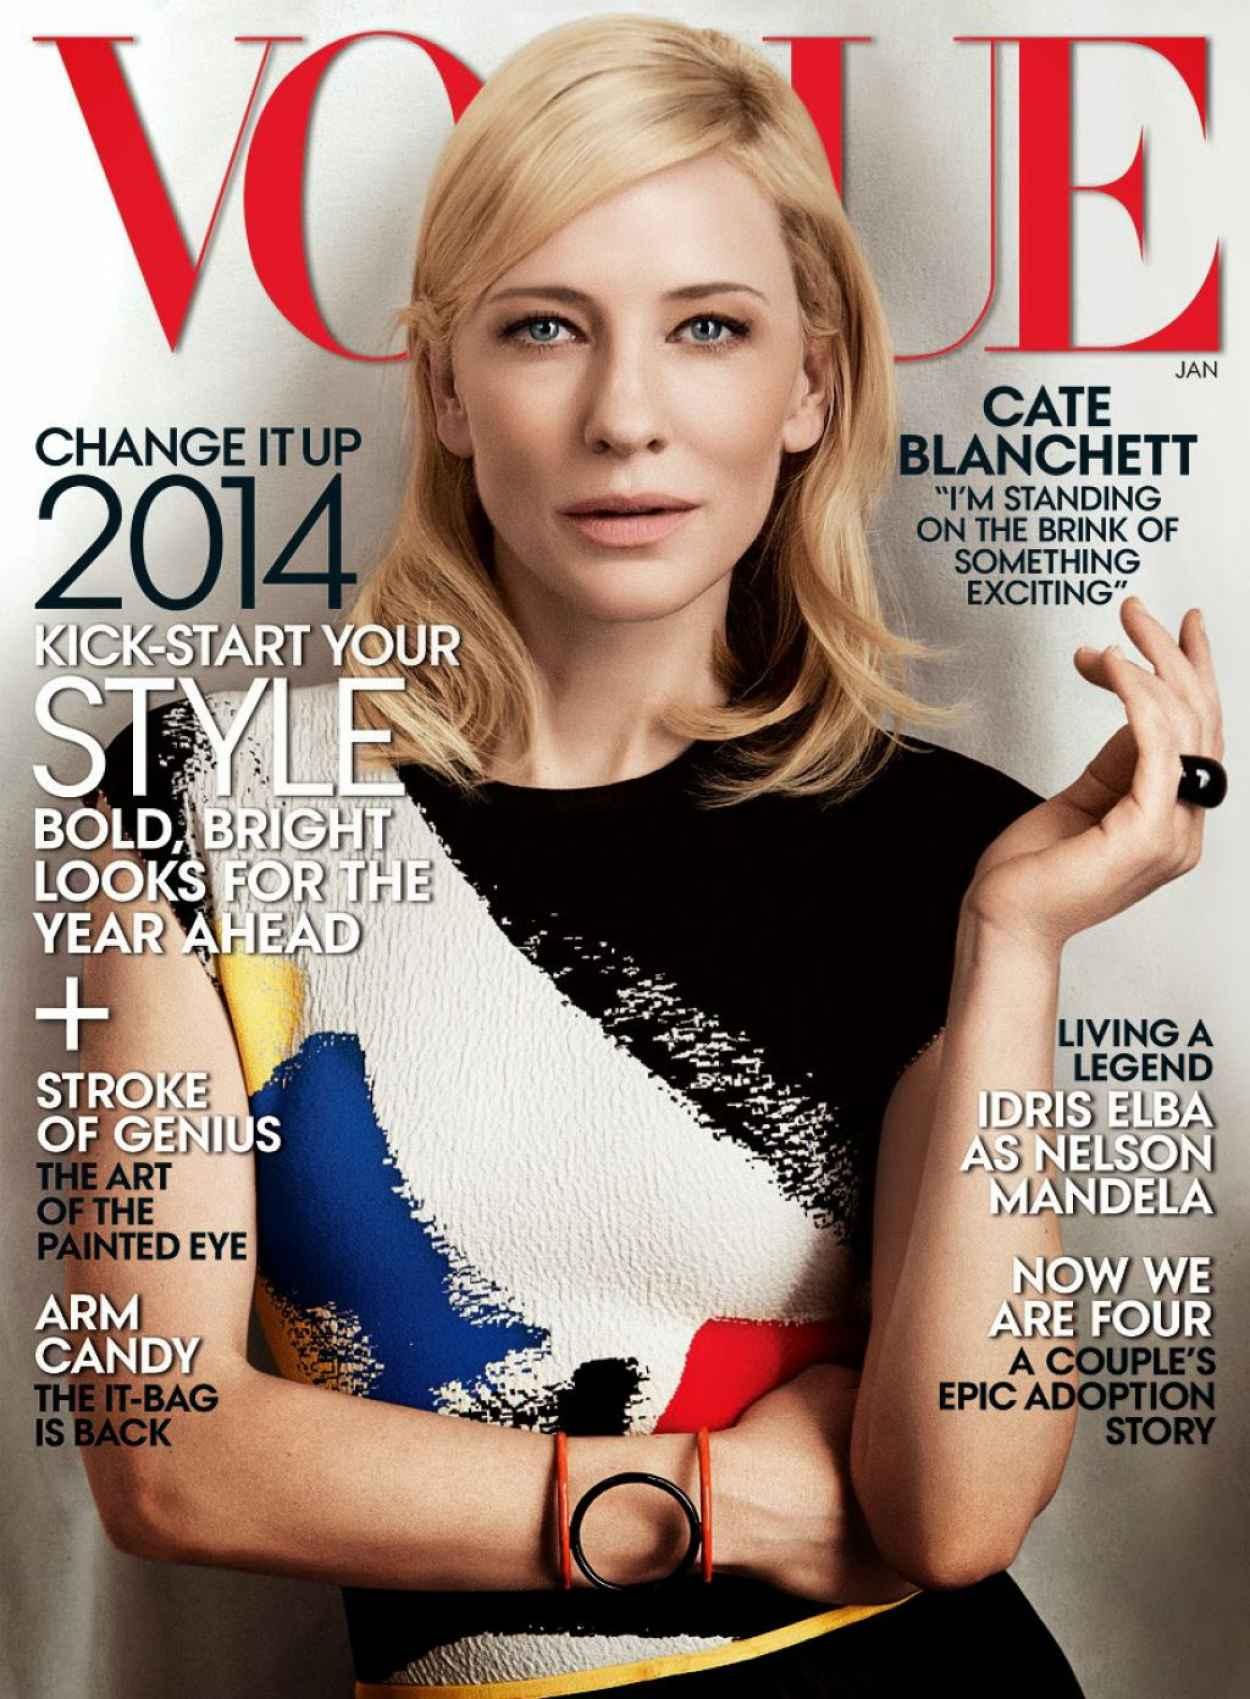 Cate Blanchett - VOGUE Magazine (US) - January 2015 Issue-1